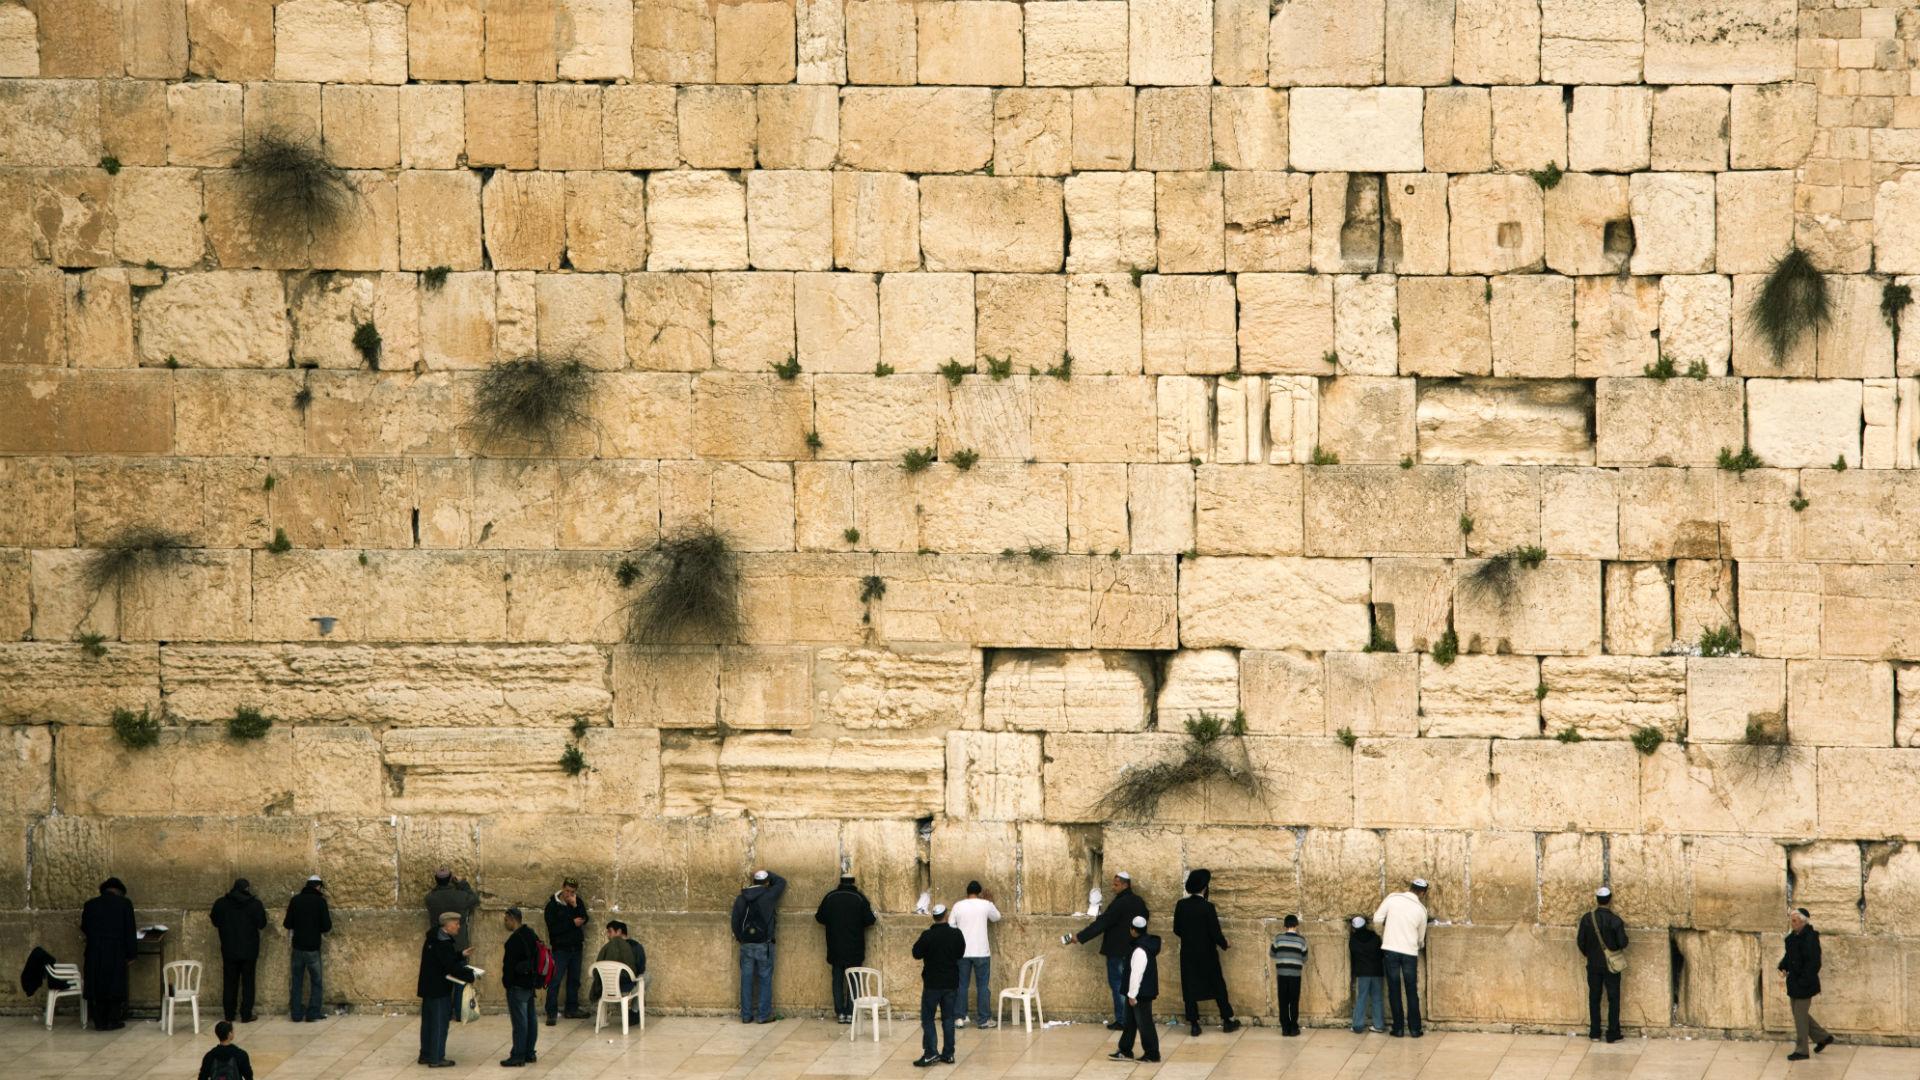 Praying at the wailing wall in Old City, Jerusalem, Israel